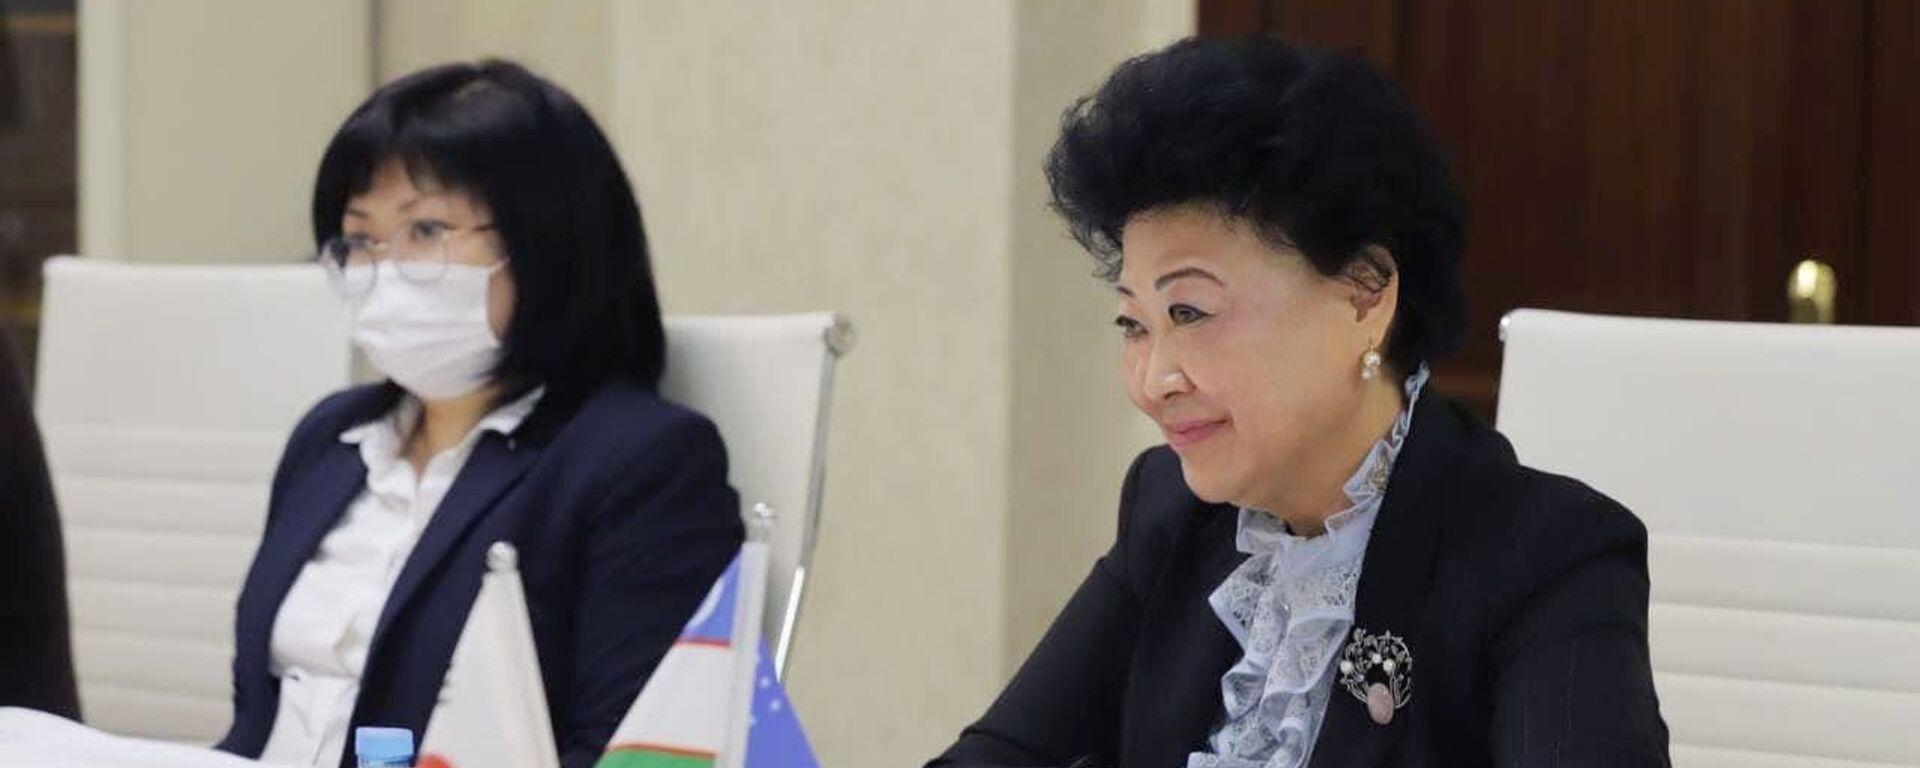 В Ташкенте построят Центр обучения для родителей дошкольников - Sputnik Узбекистан, 1920, 27.02.2021